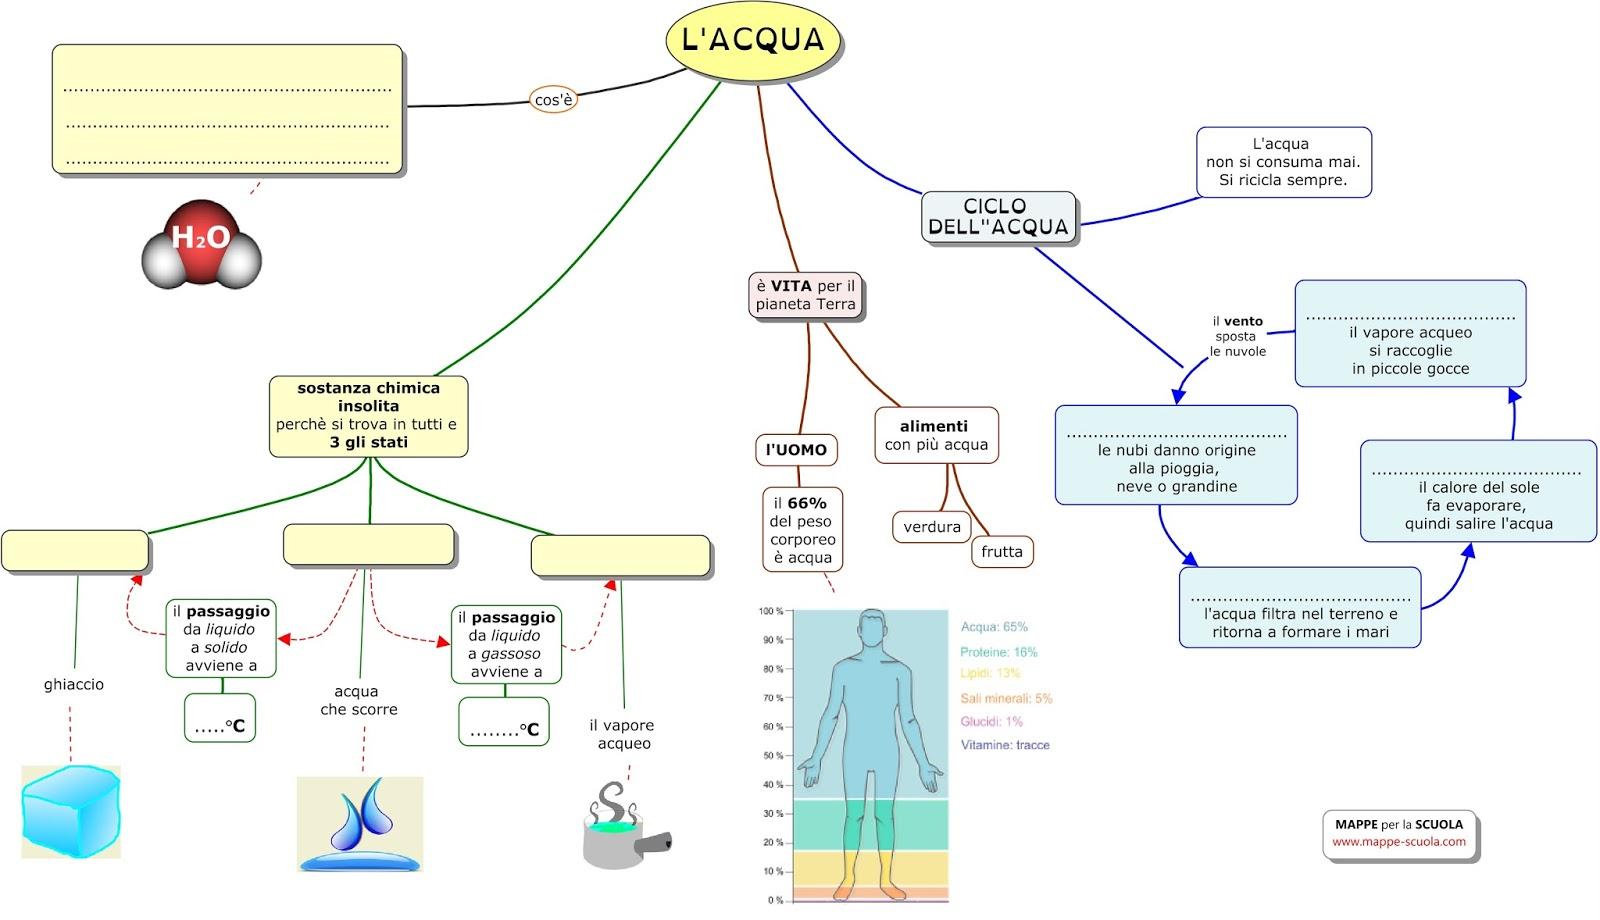 Favoloso MAPPE per la SCUOLA: L'ACQUA, IL CICLO DELL'ACQUA VM29